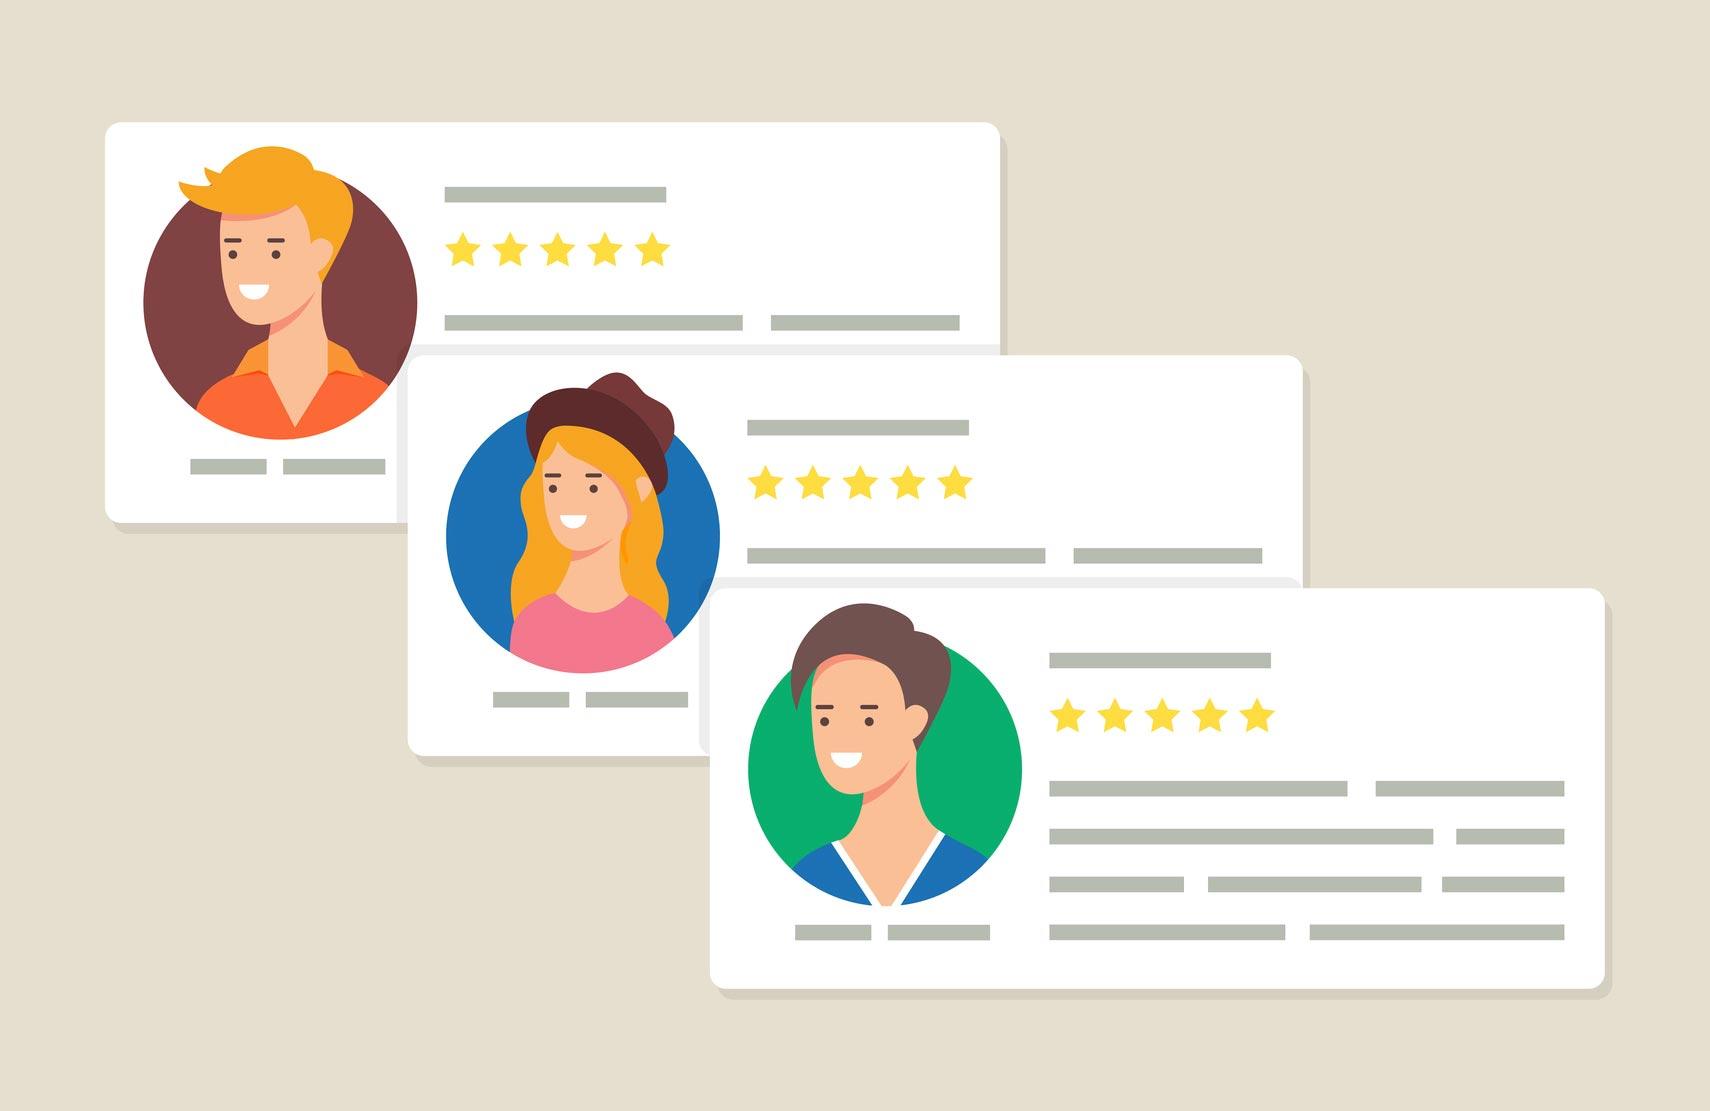 recensioni clienti sito web